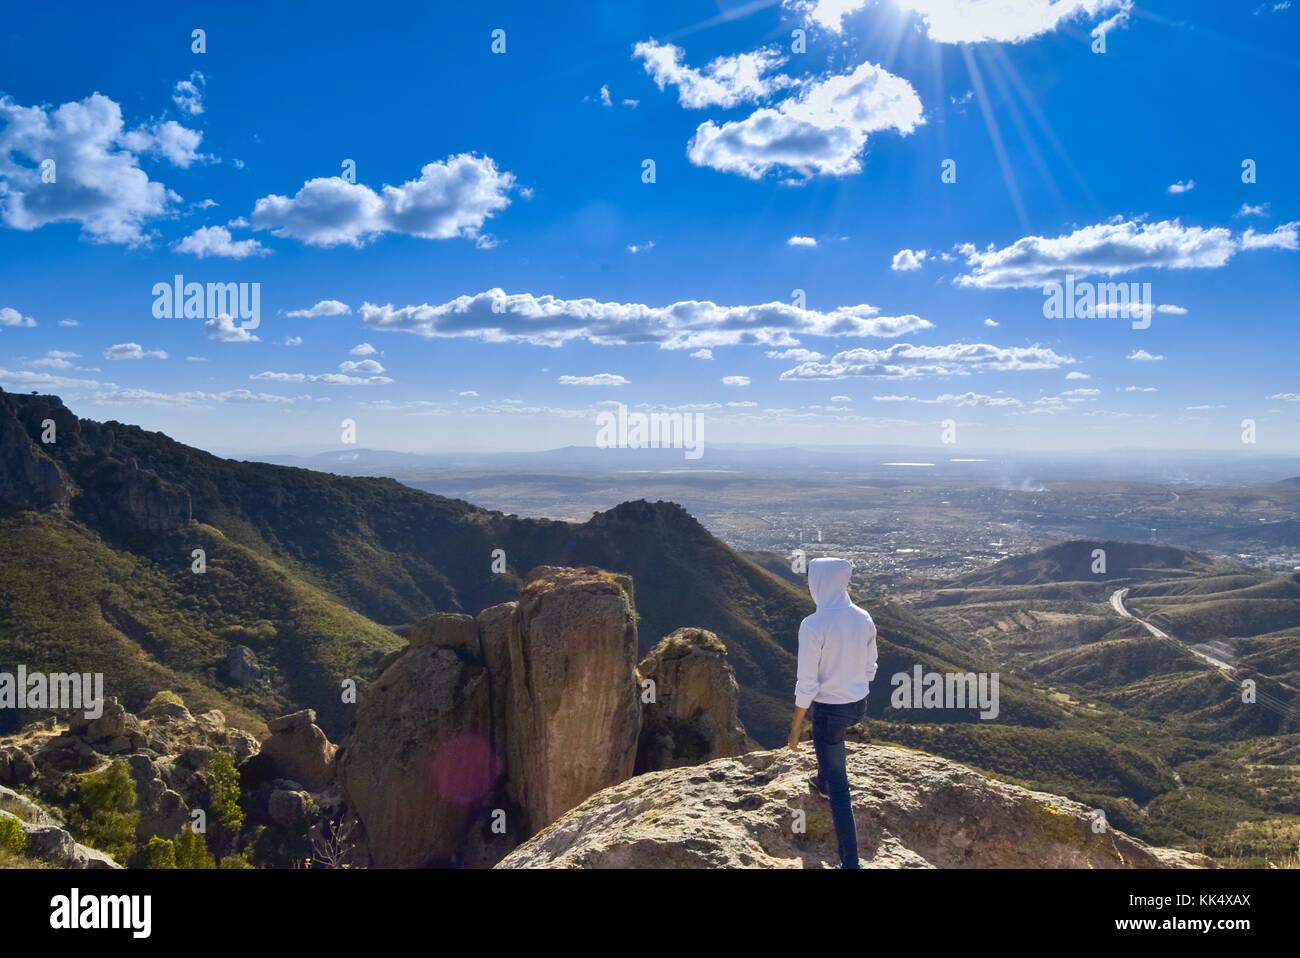 Un precioso lugar para explorar, sin la preocupación de gastar mucho dinero en la excursión... - Stock Image